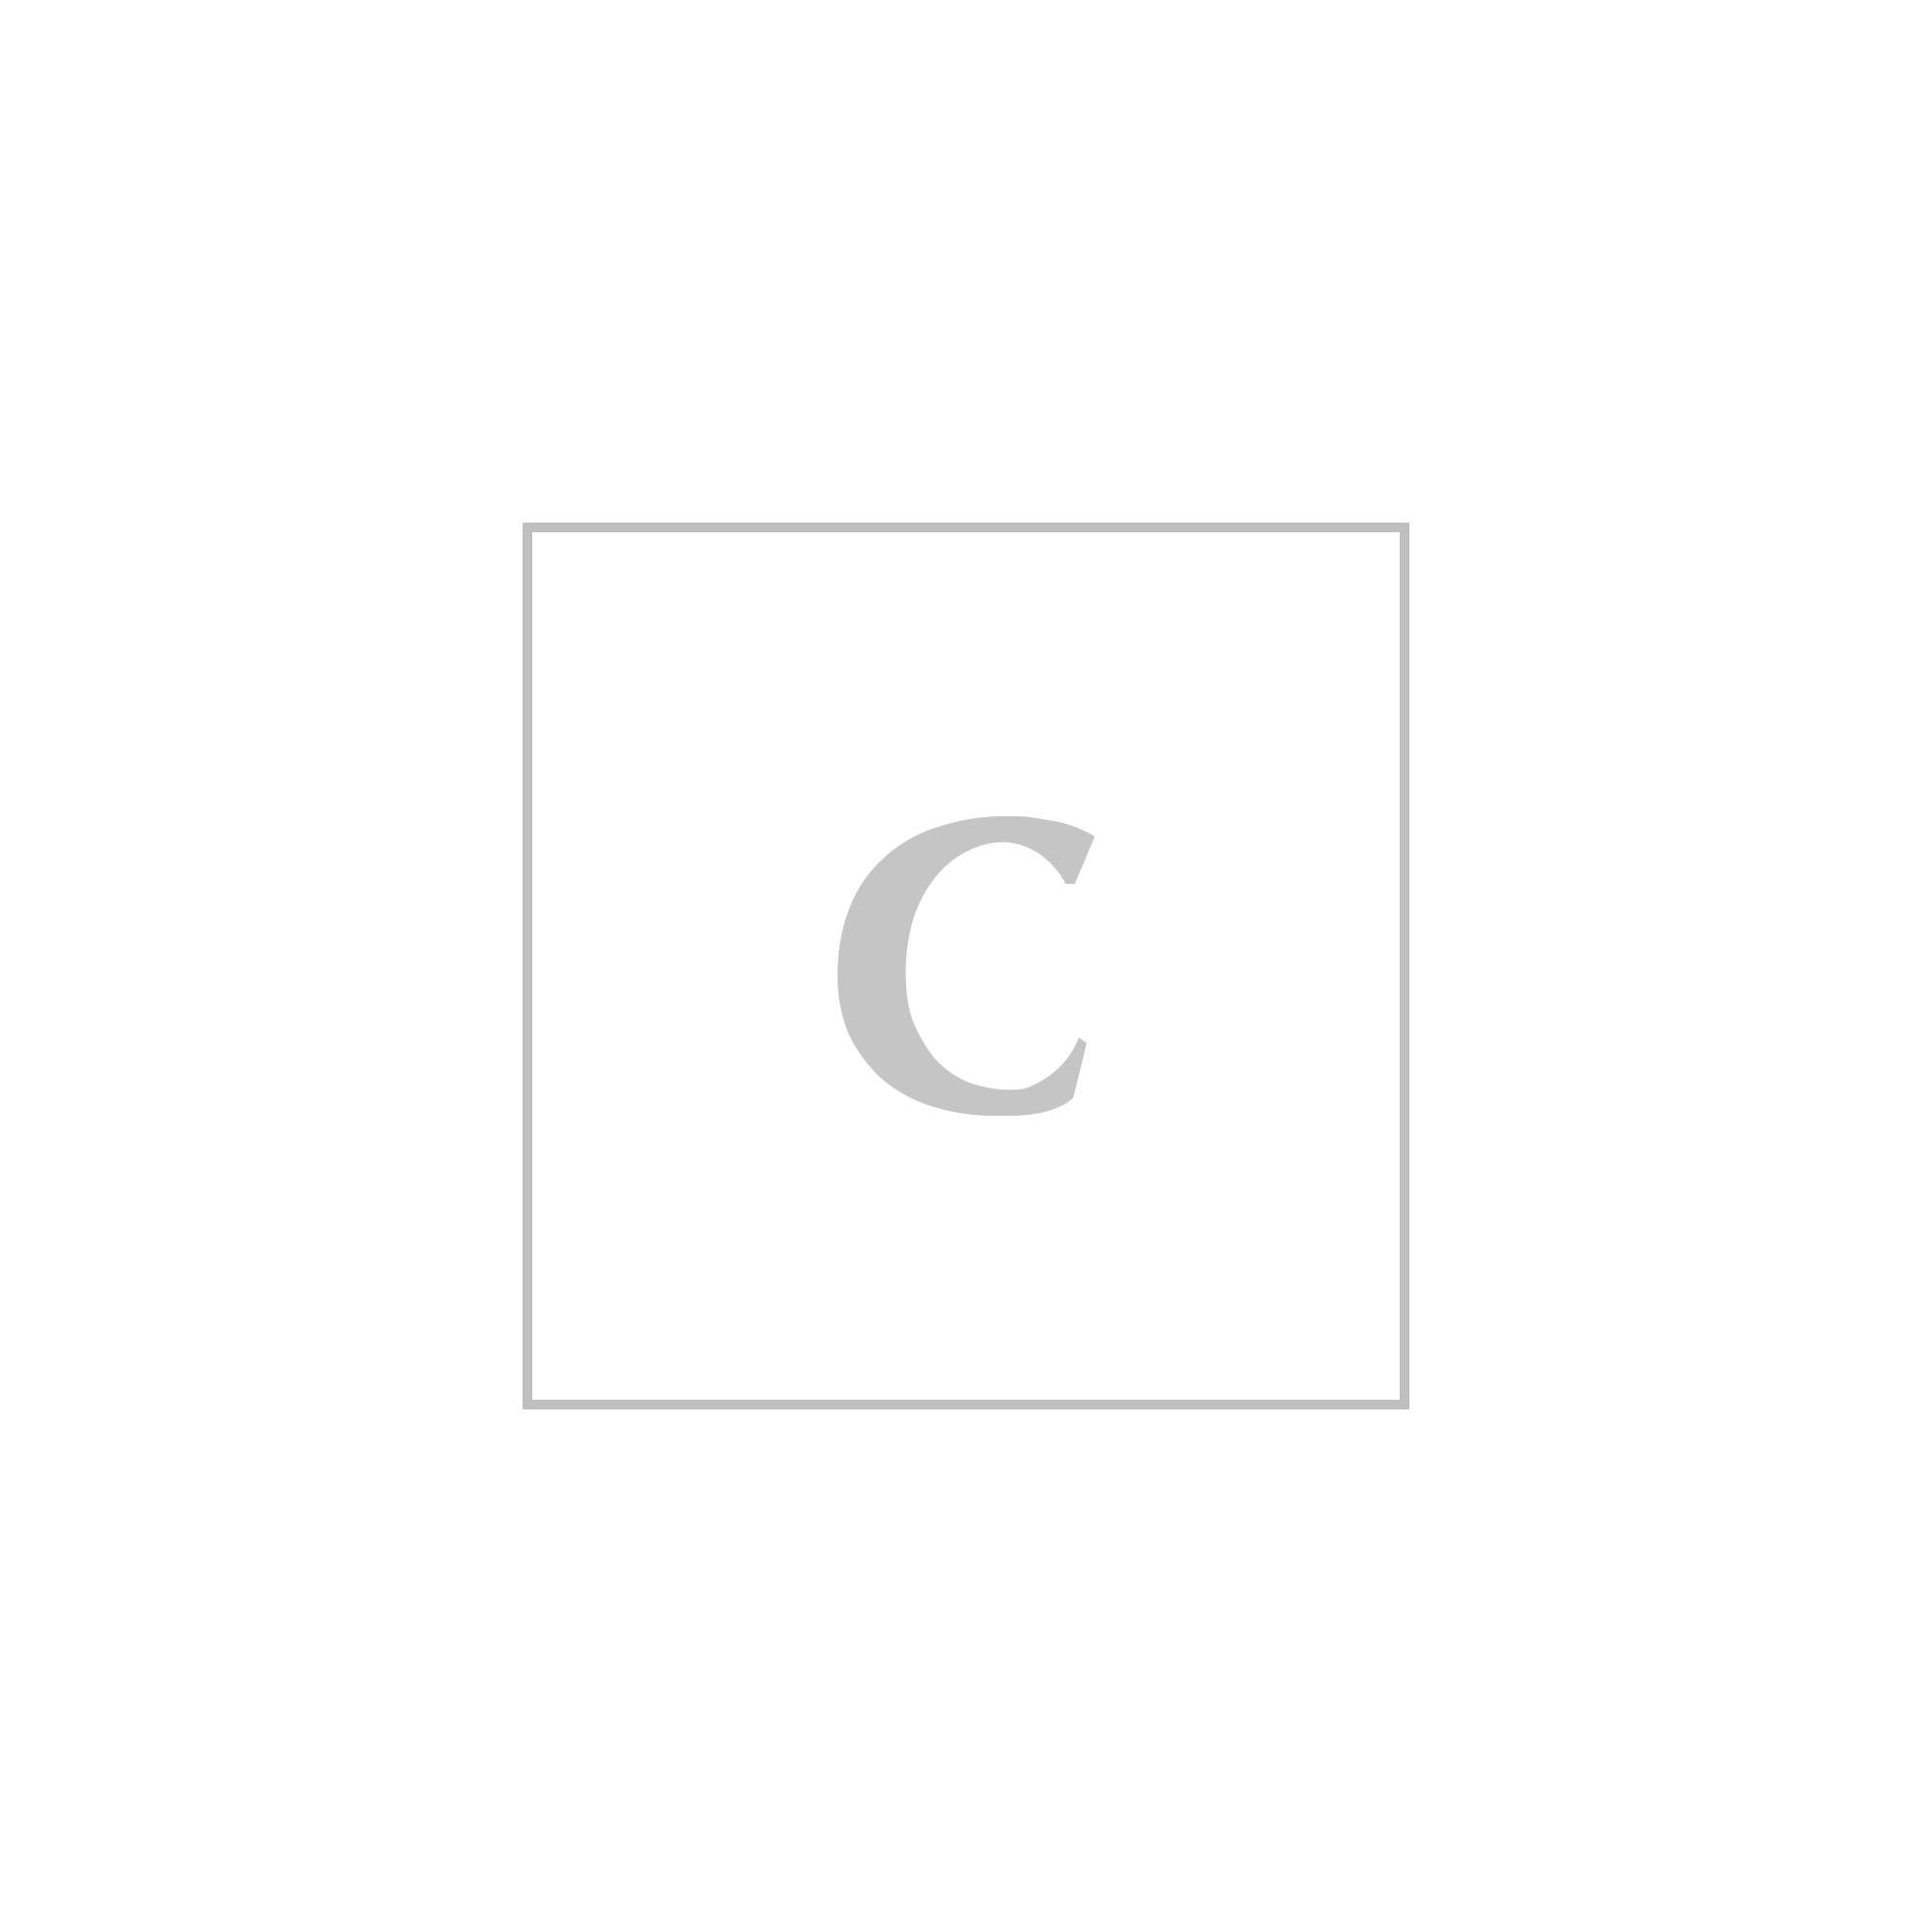 Saint laurent ysl mini pochette monogram